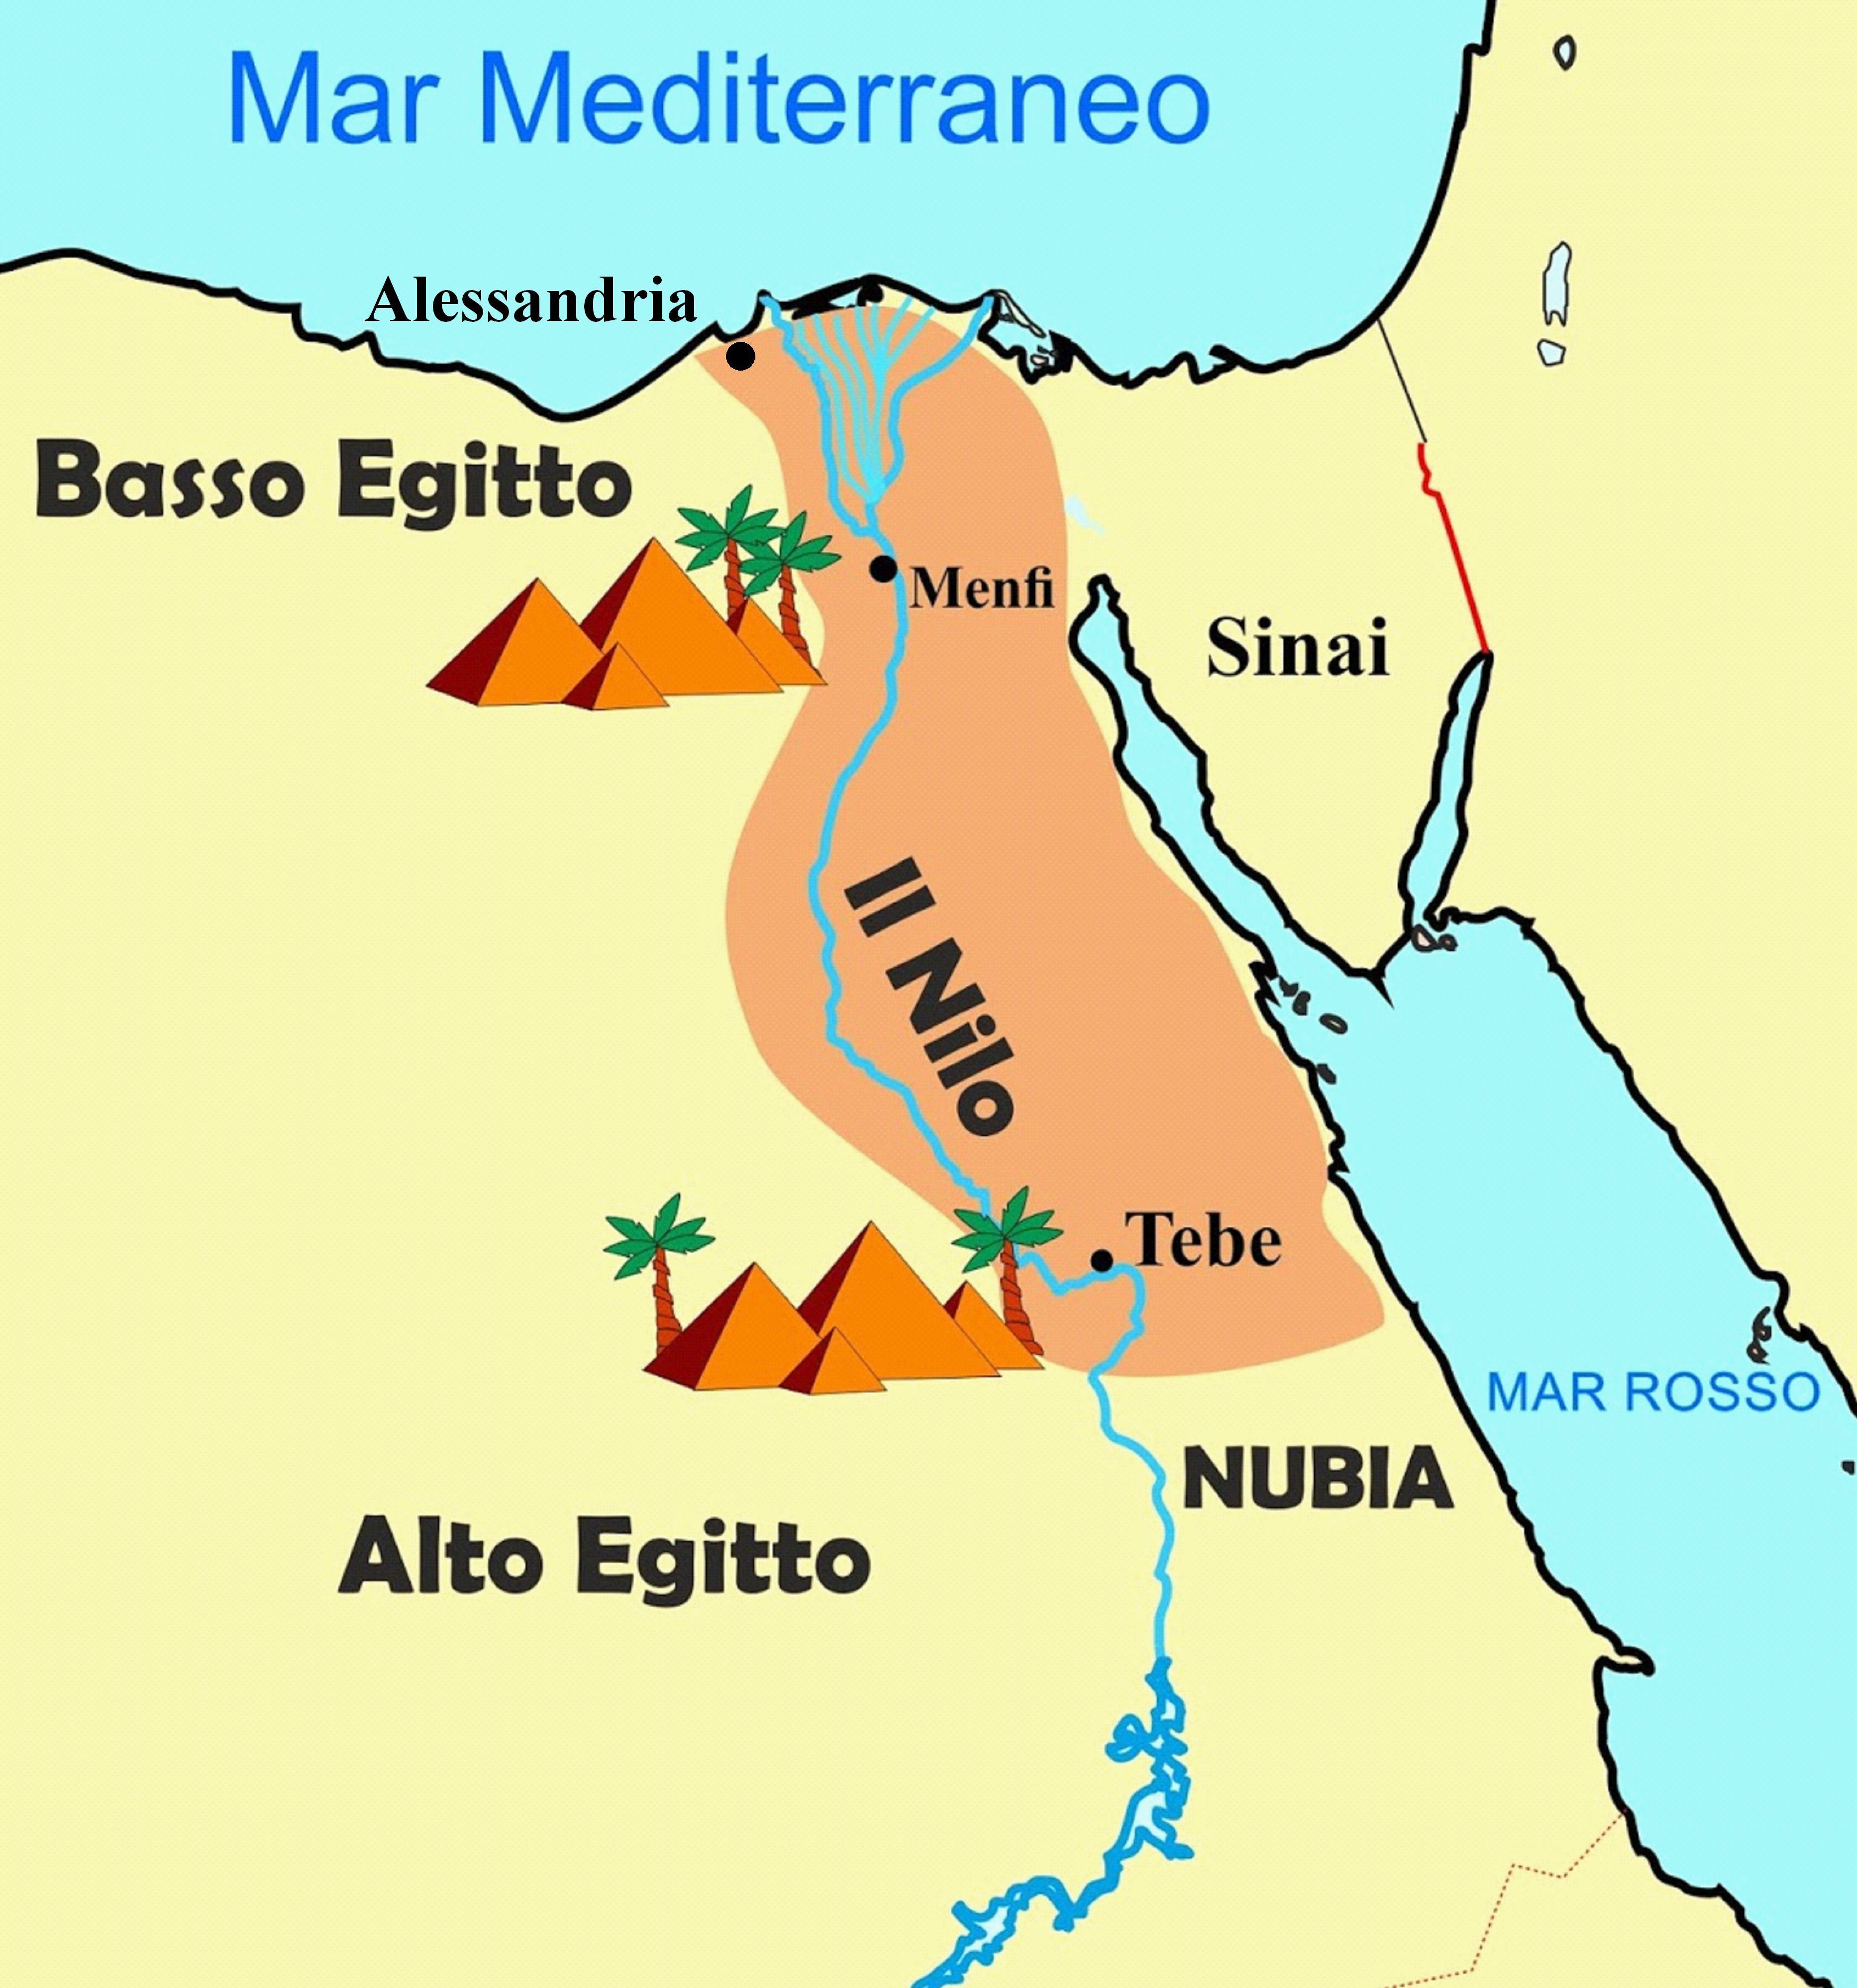 Cartina Egitto In Italiano.Assassin S Creed Origins La Storia Dell Antico Egitto